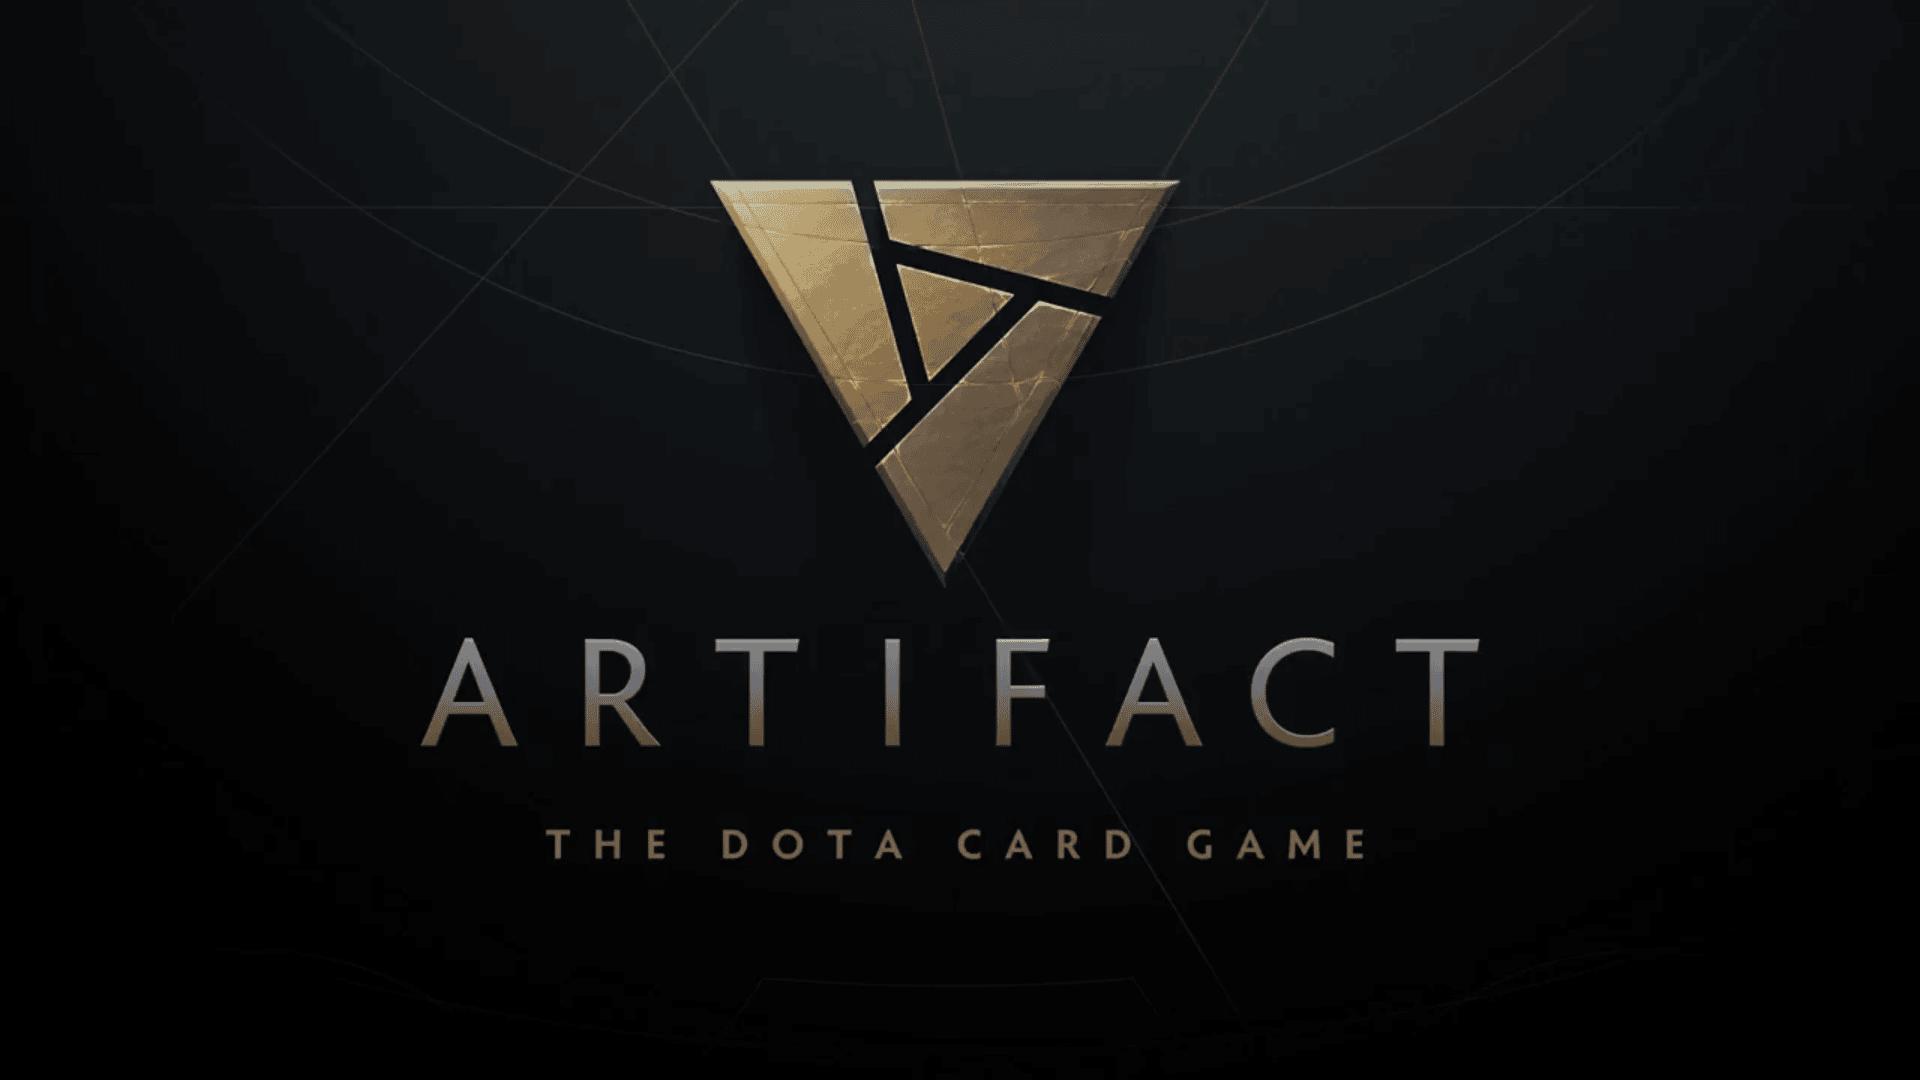 Artifact download free